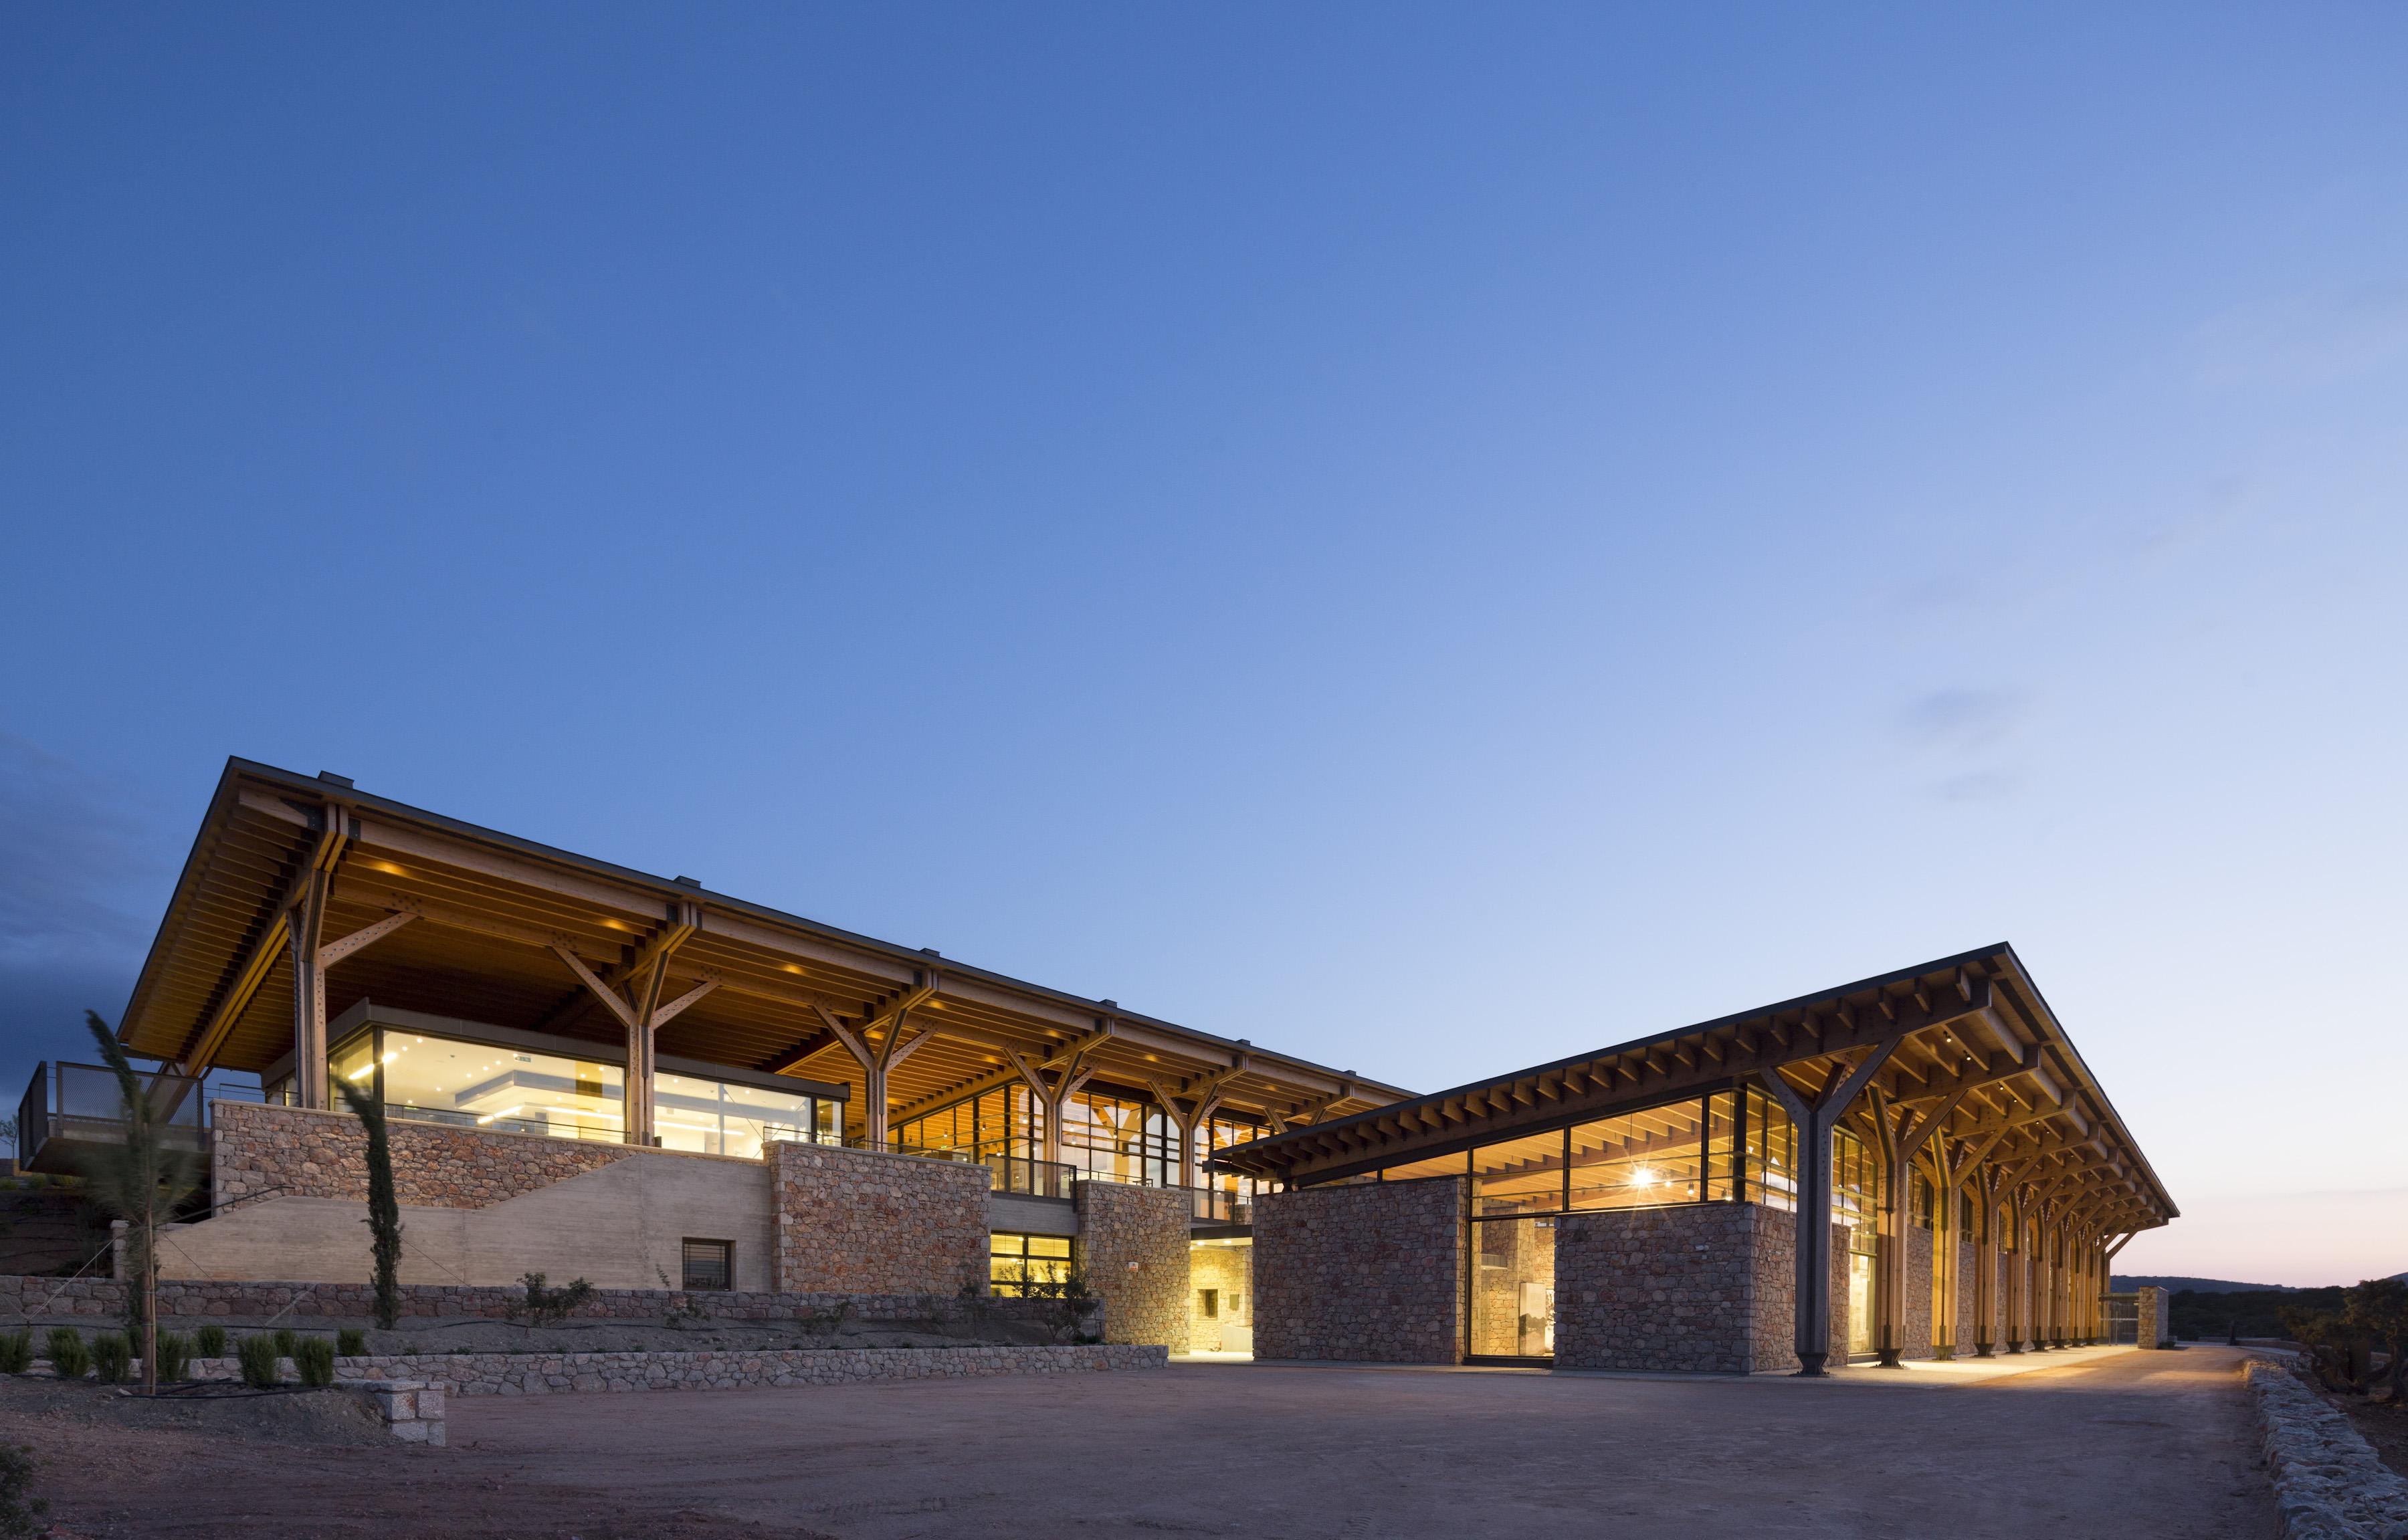 MASTICHA MUSEUM